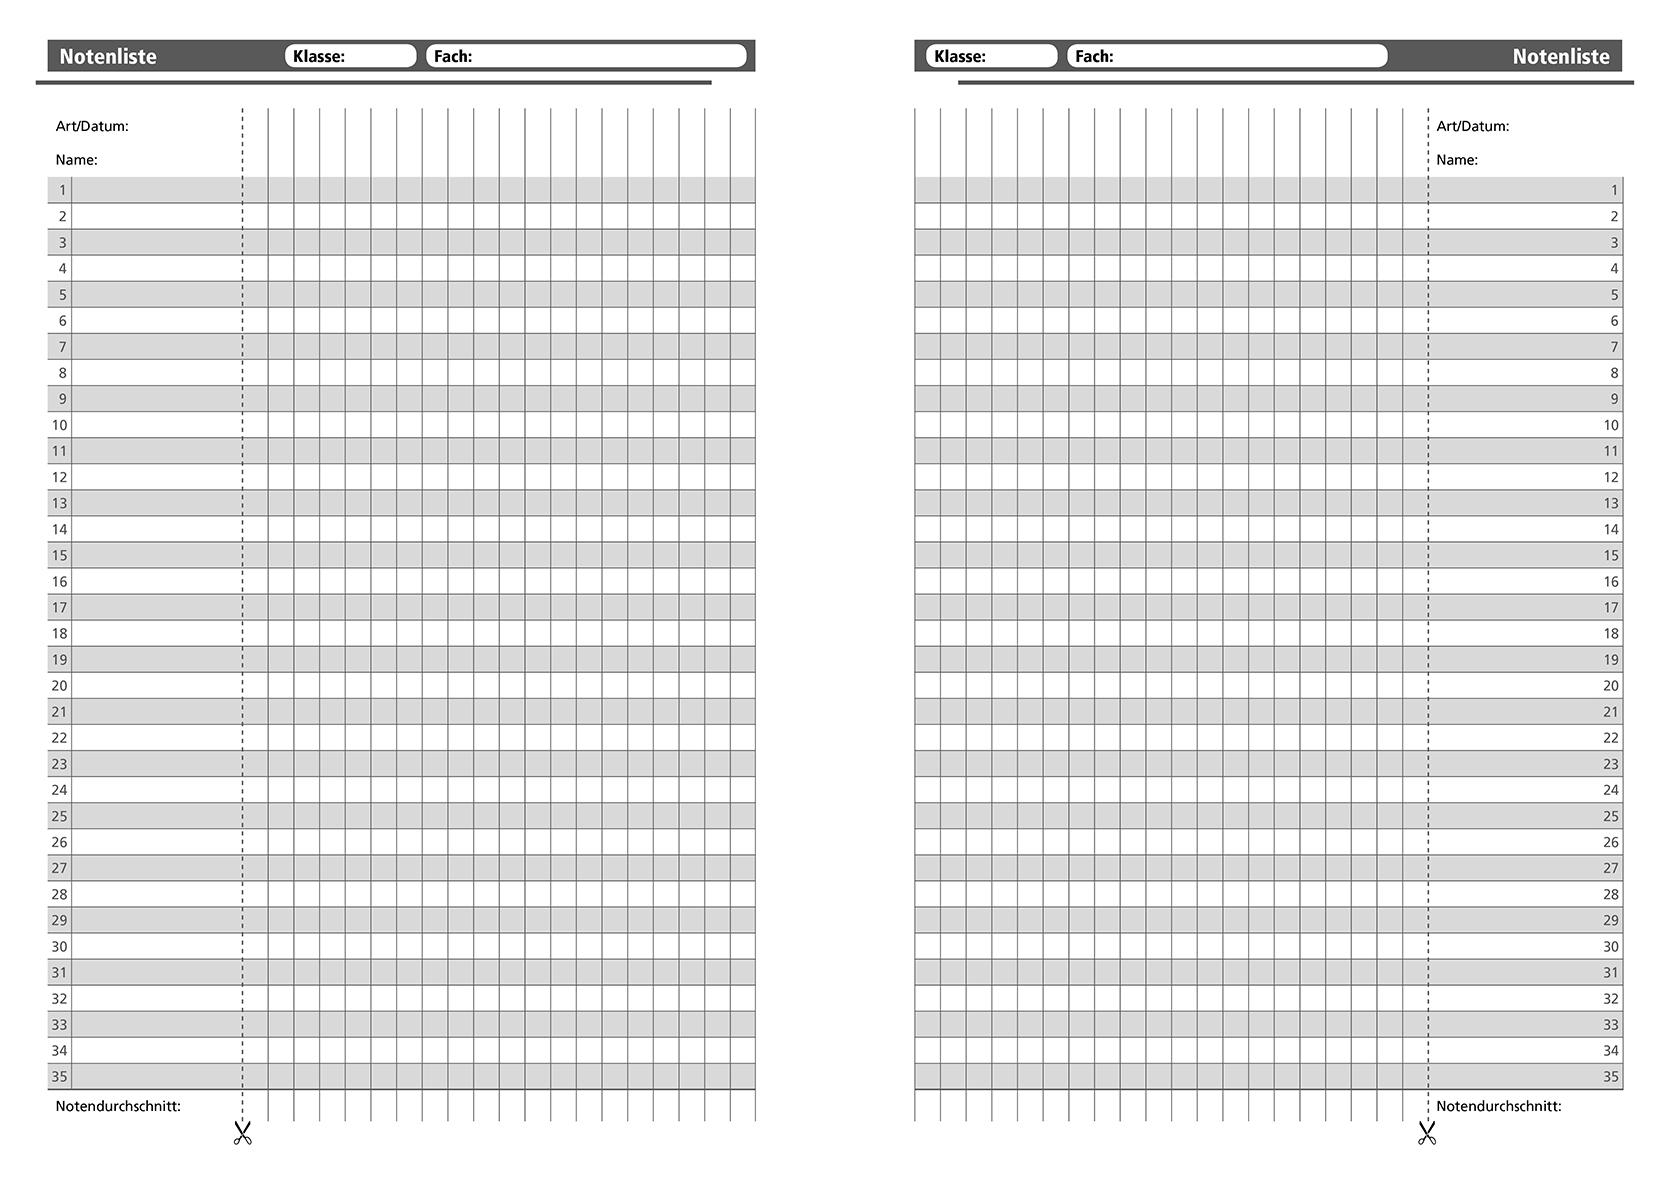 Tolle Leere Sitzplanvorlage Ideen - Beispielzusammenfassung Ideen ...